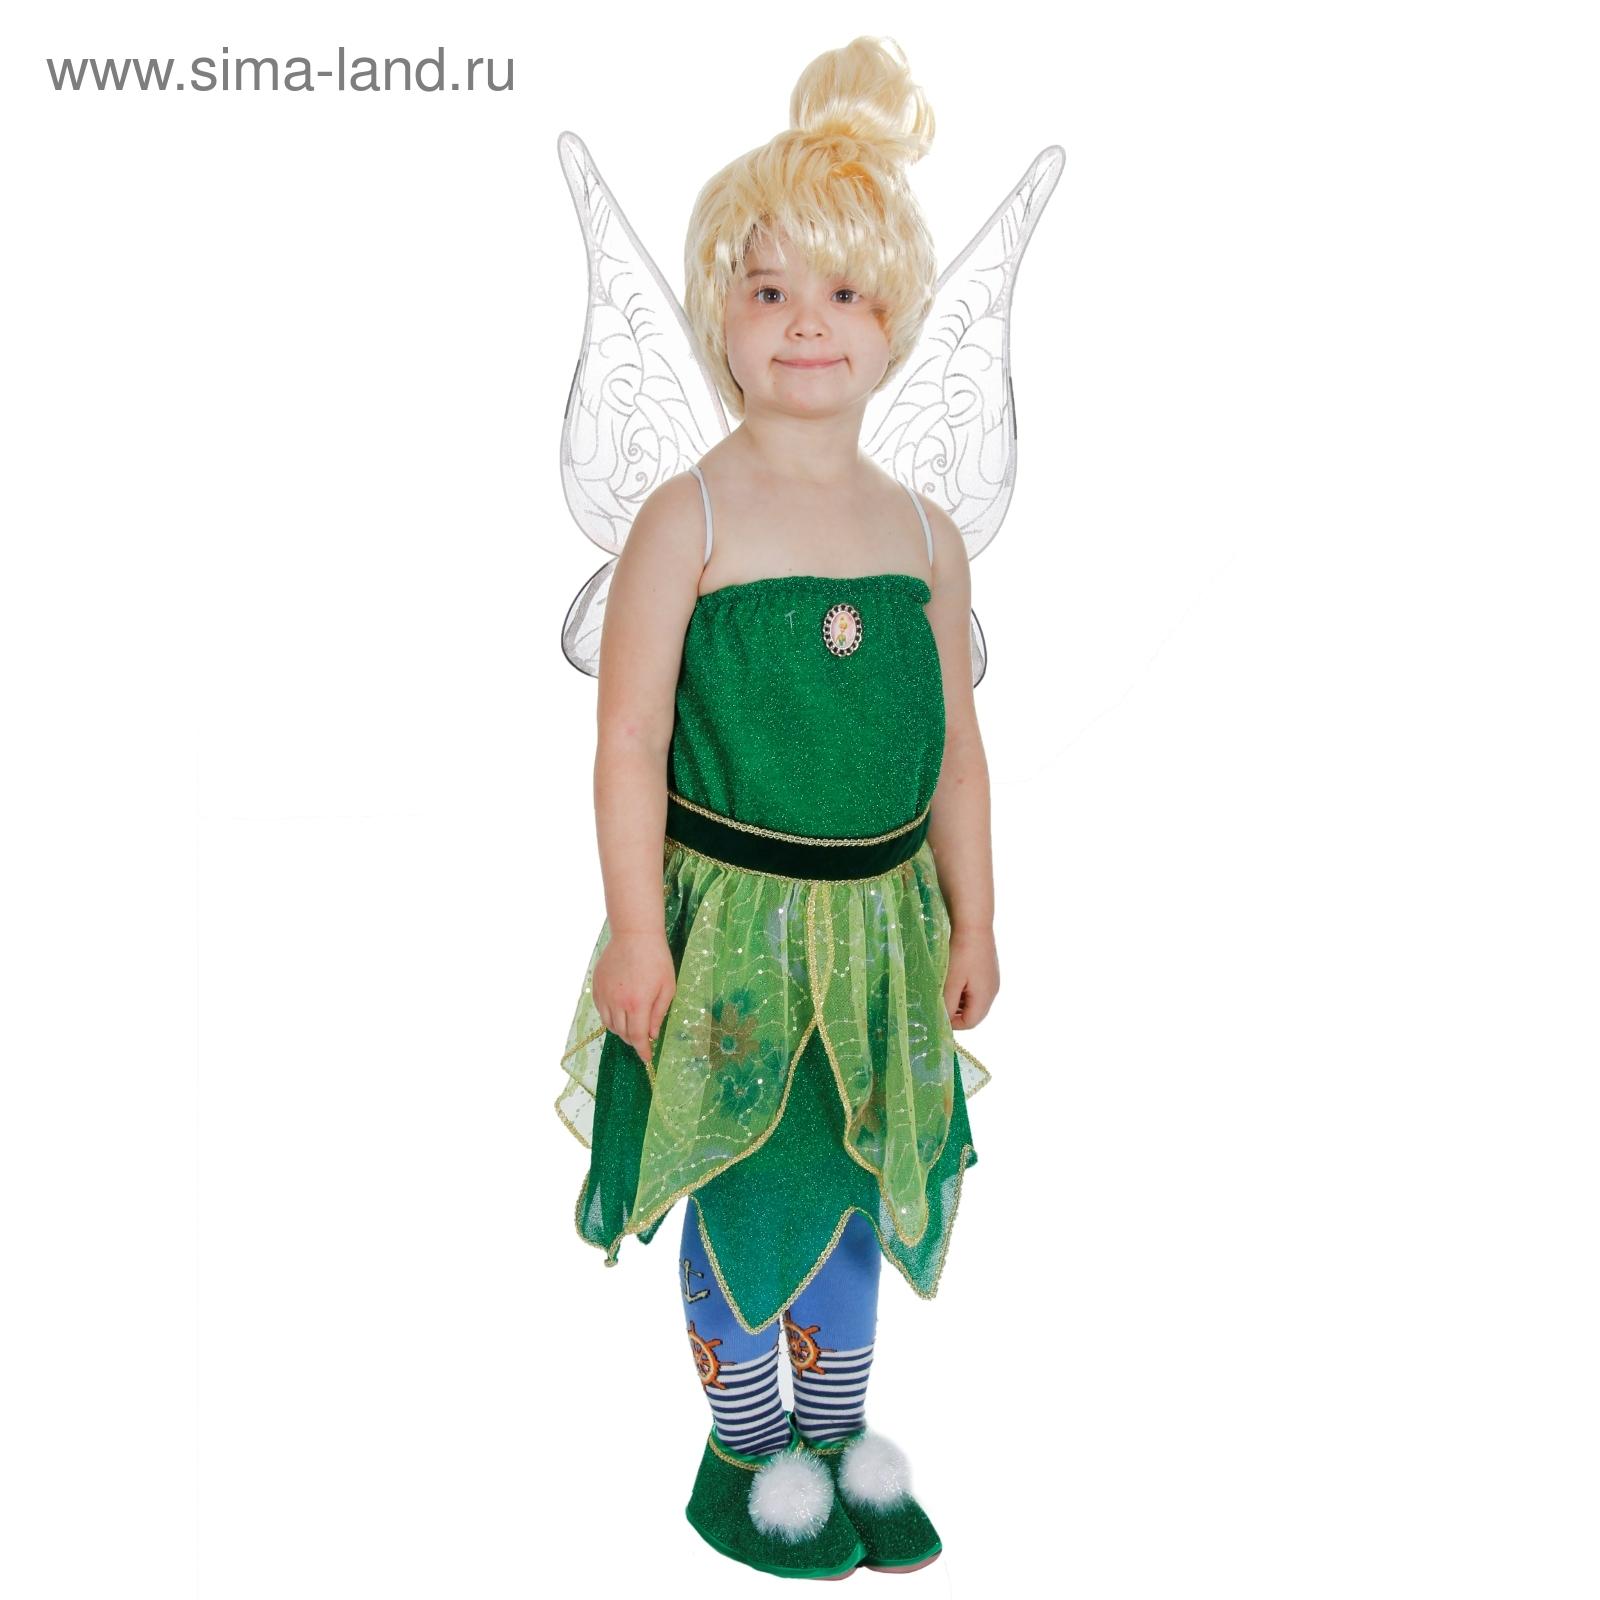 70e2b6967afc5e Карнавальный костюм «Фея Динь-Динь», рост 134 см (485-34) - Купить ...